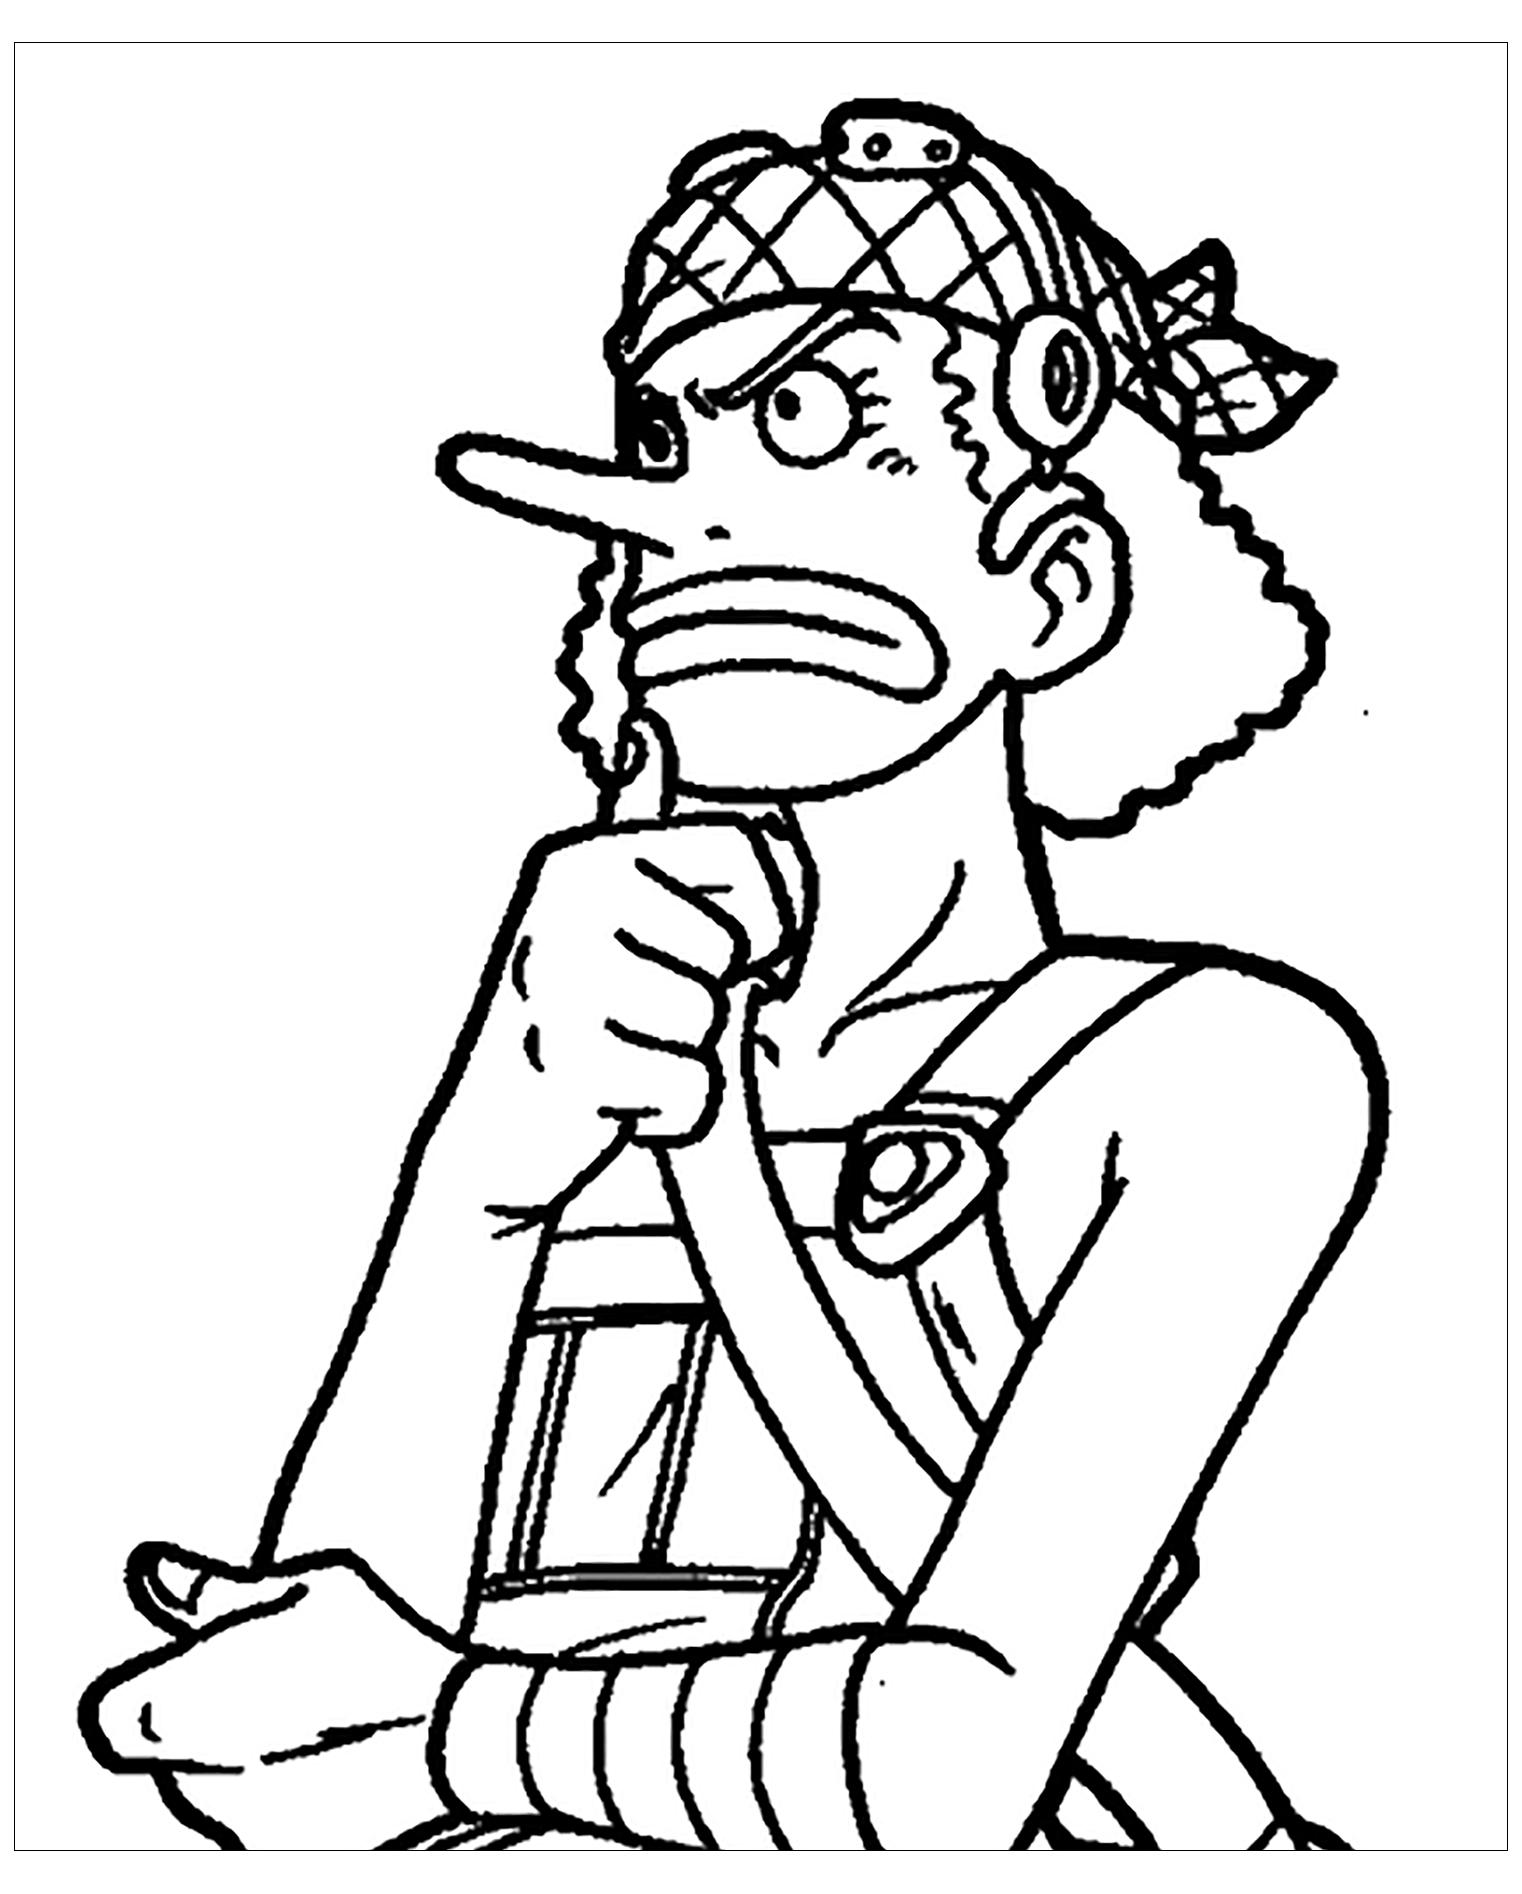 Coloriage De One Piece A Colorier Pour Enfants Coloriage One